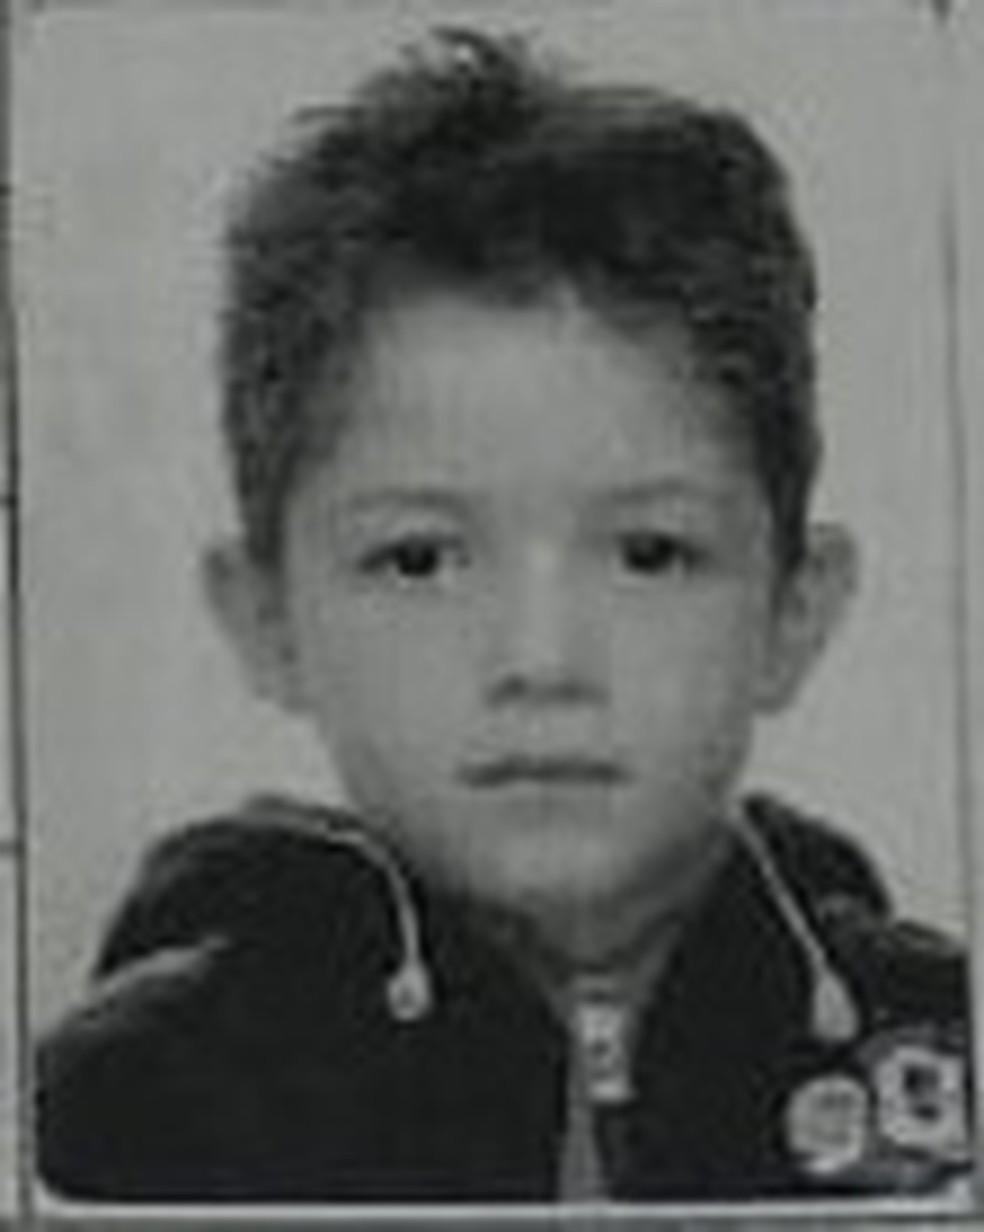 Guilherme Taucci Monteiro, um dos autores do massacre de Suzano — Foto: Reprodução